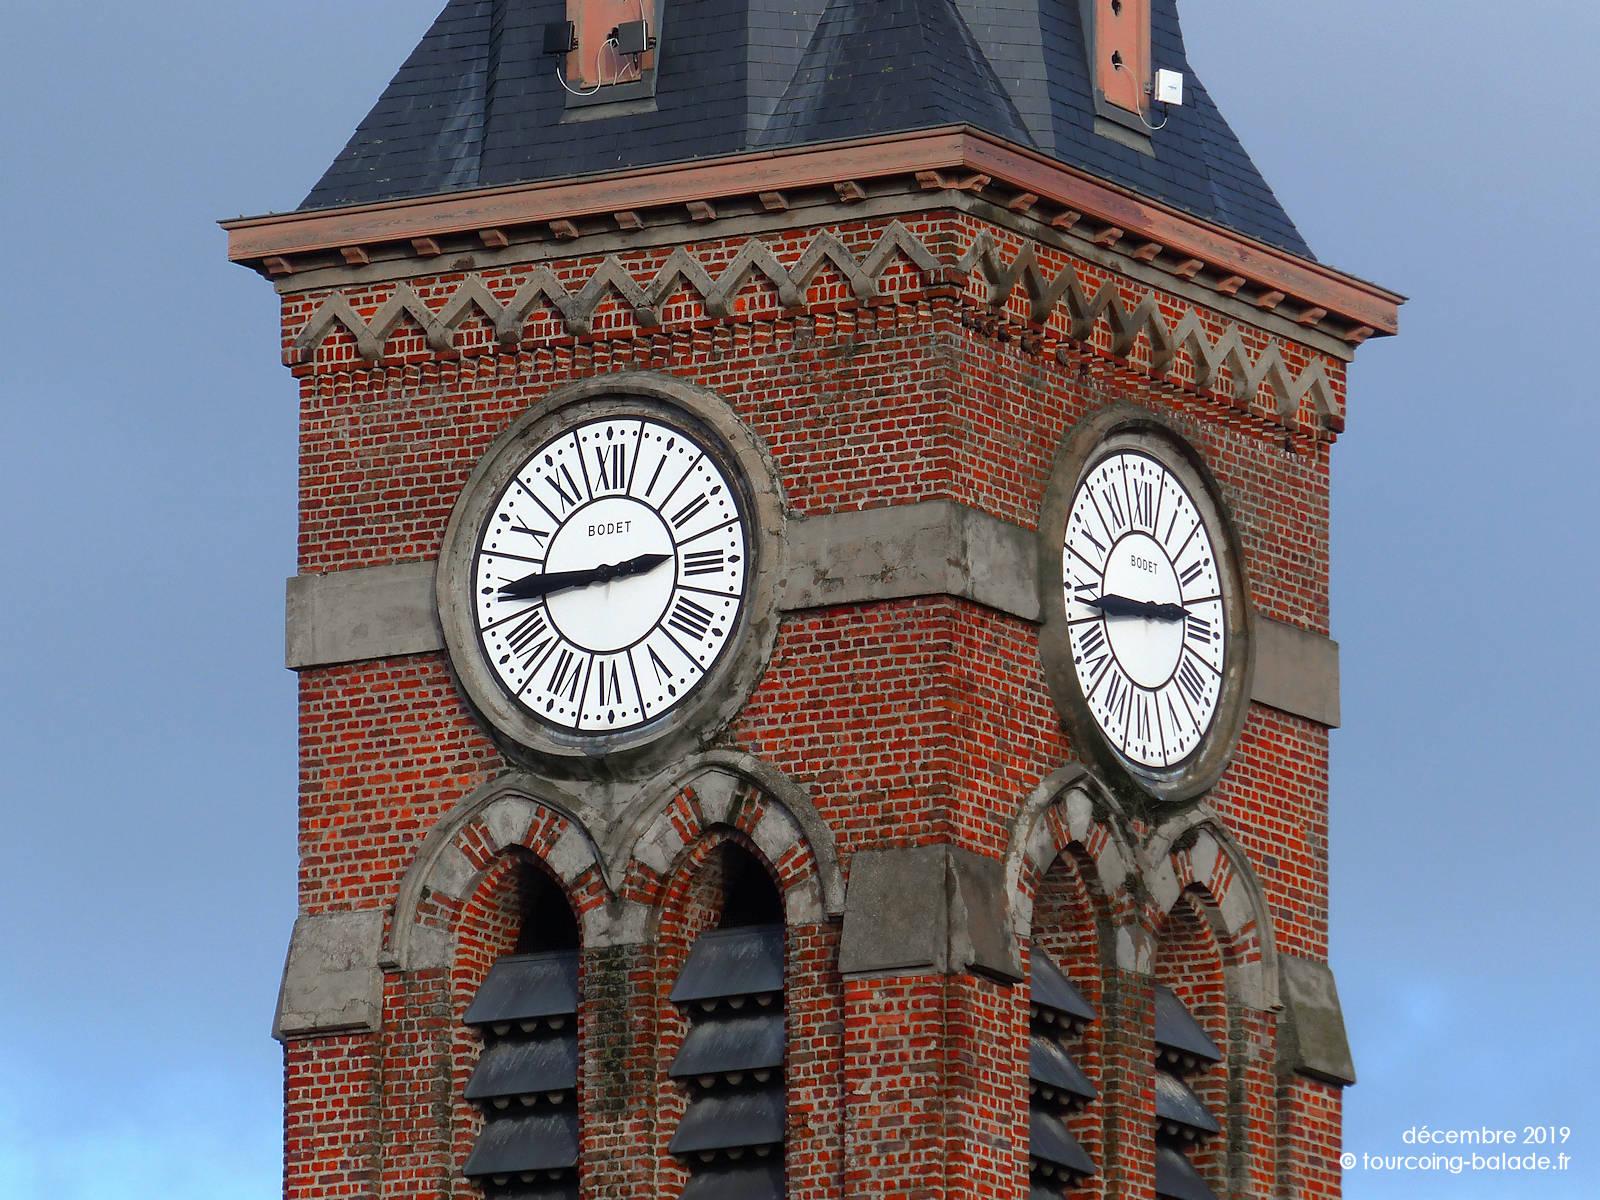 Horloge du Clocher de l'église Saint-Alphonse, Halluin